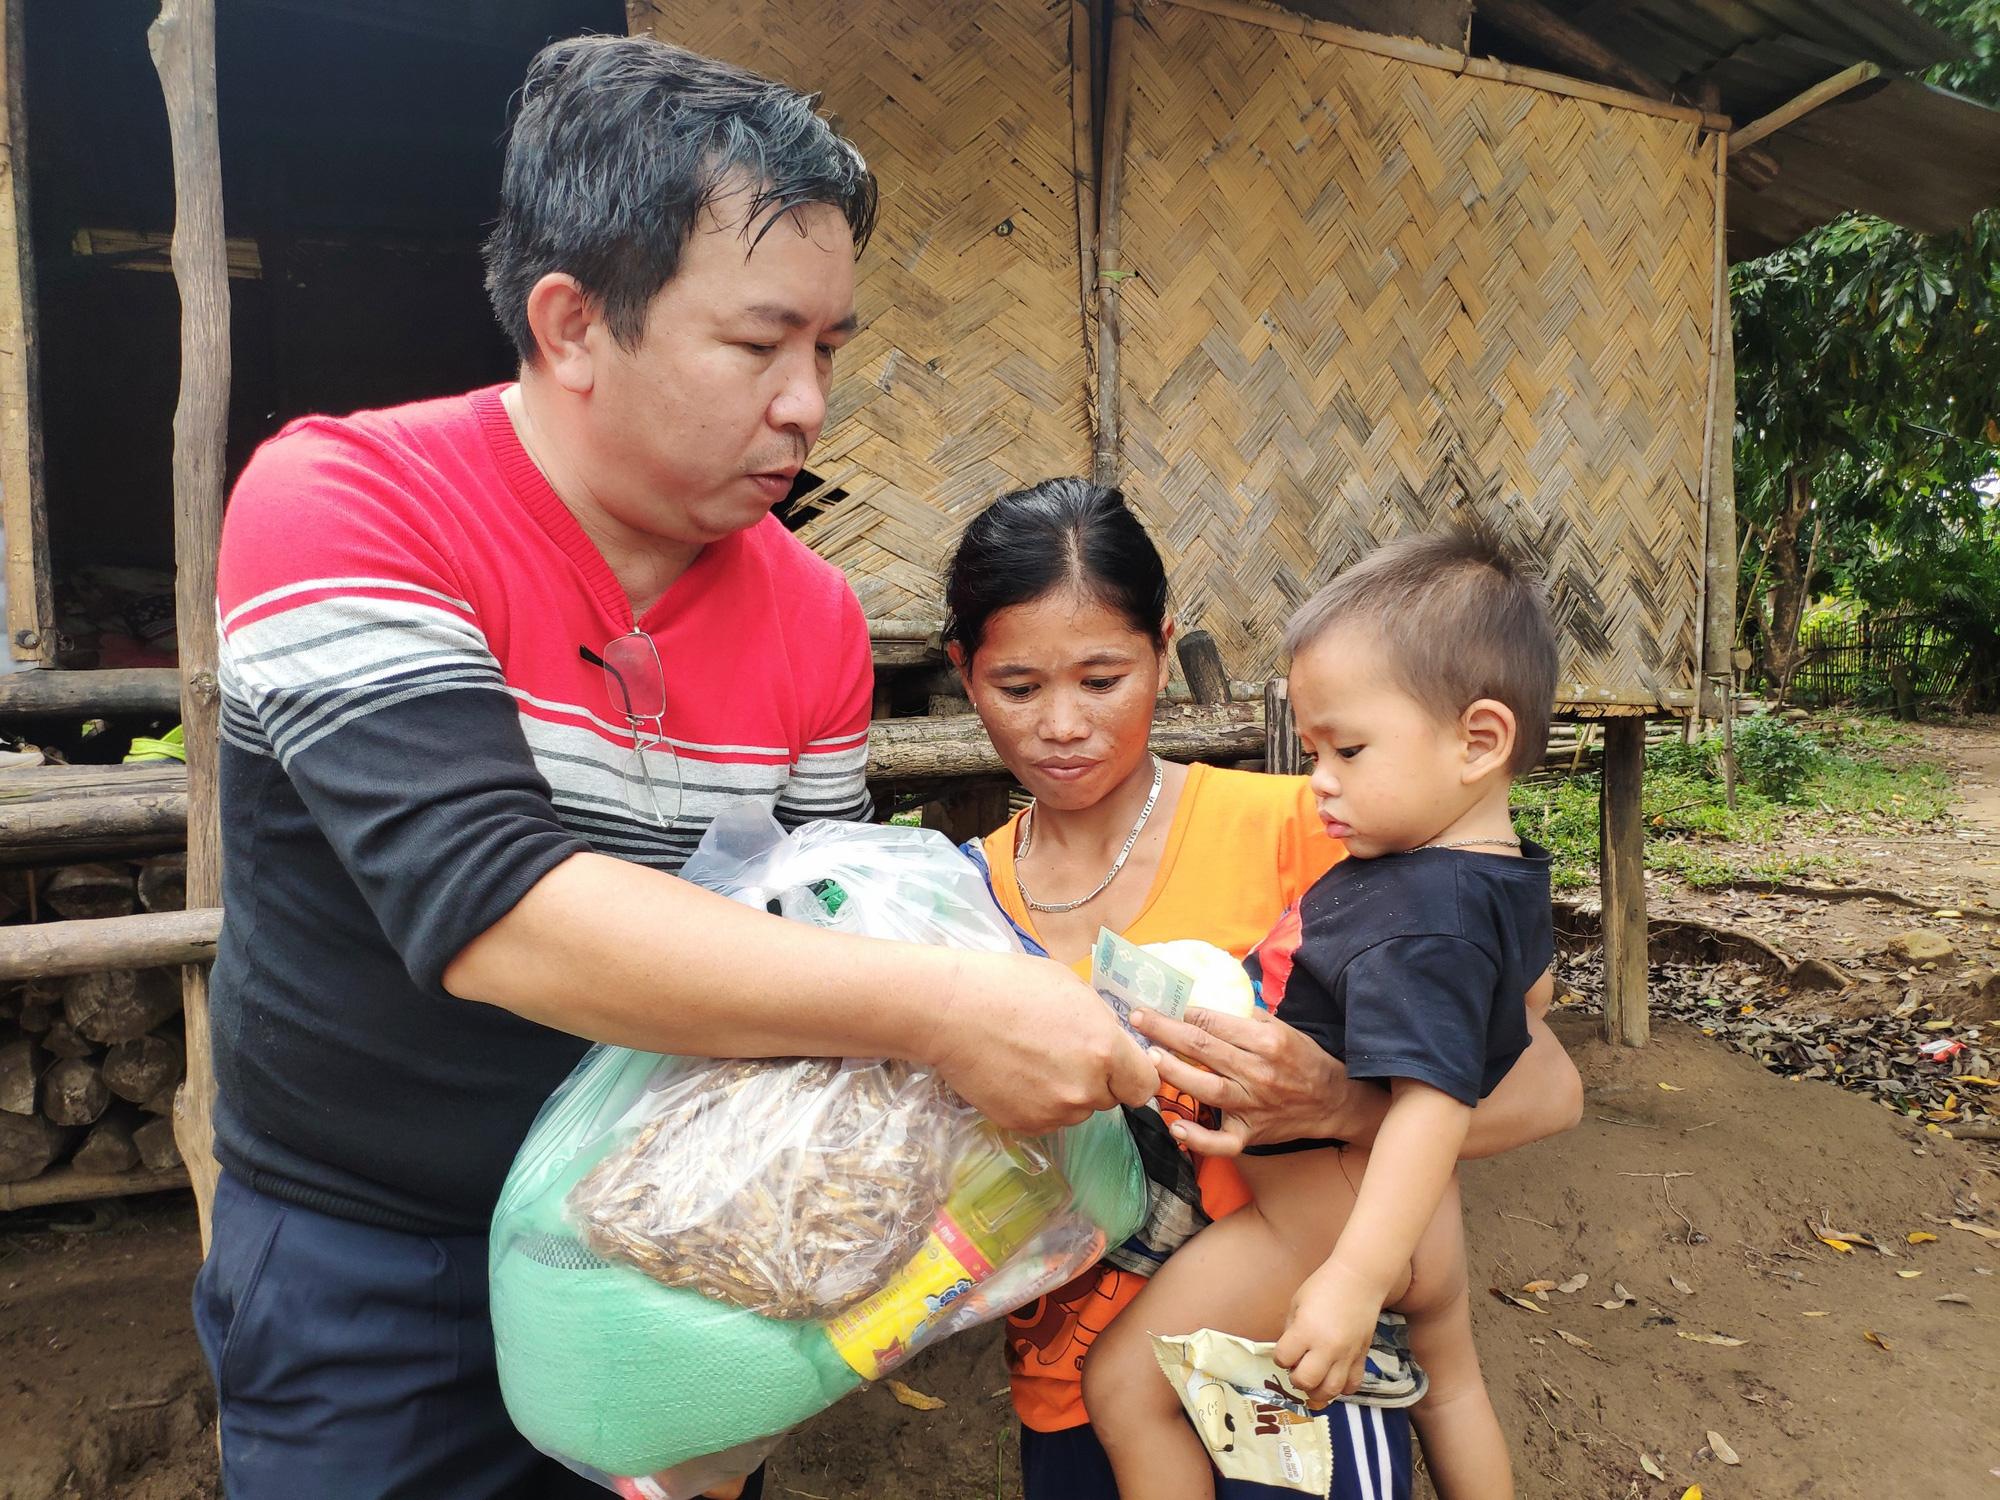 """Báo Điện tử Dân Việt kêu gọi mang """"Đông ấm"""" về với học sinh nghèo Quảng Trị - Ảnh 4."""